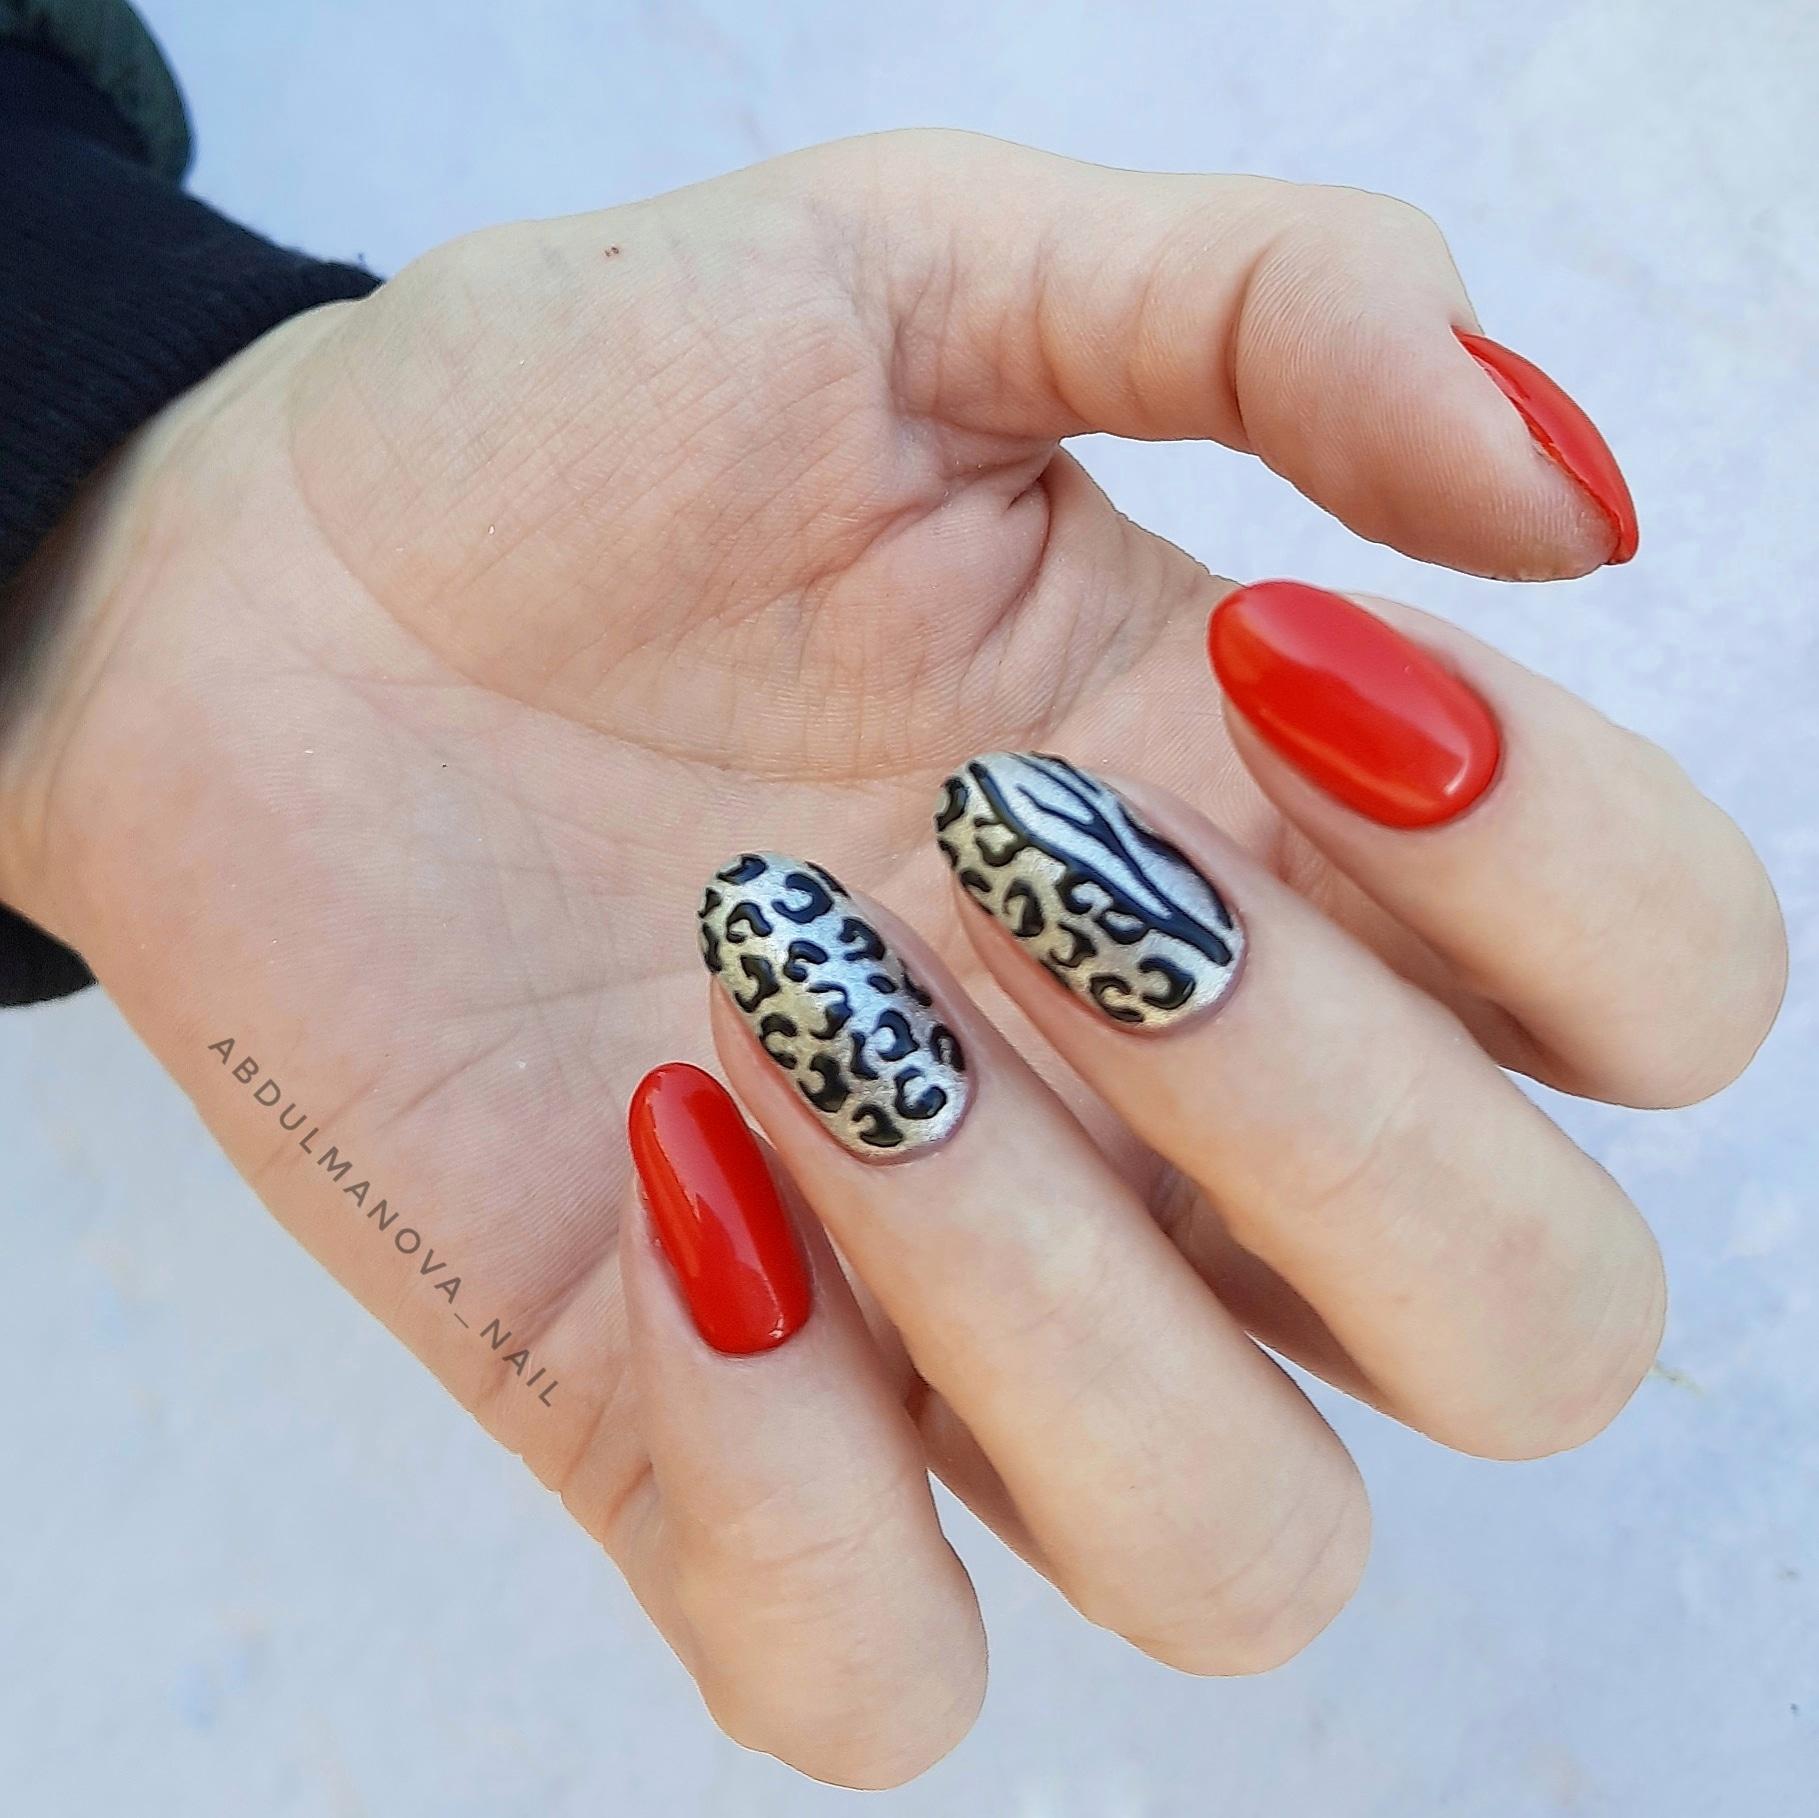 Маникюр с леопардовым принтом в красном цвете на короткие ногти.